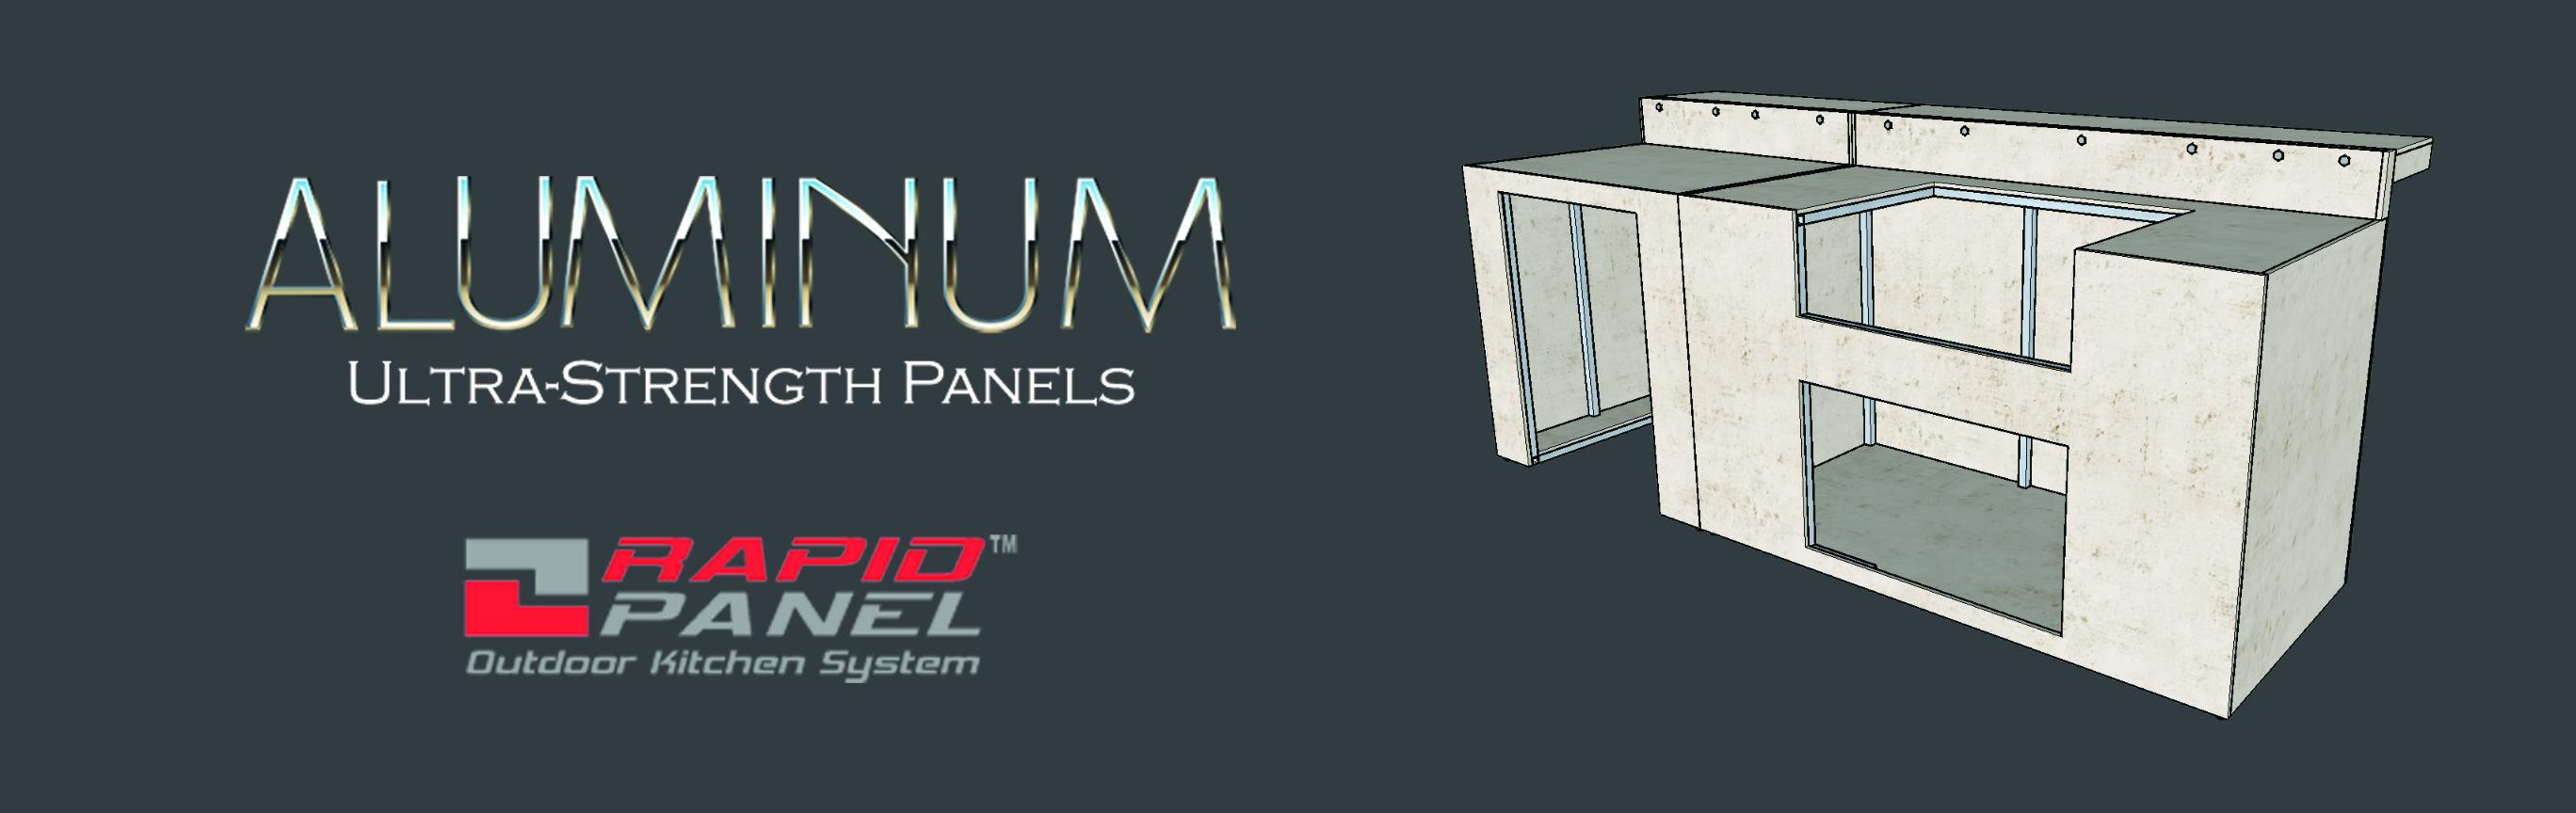 aluminum-rp-updated-2-for-sn.jpg